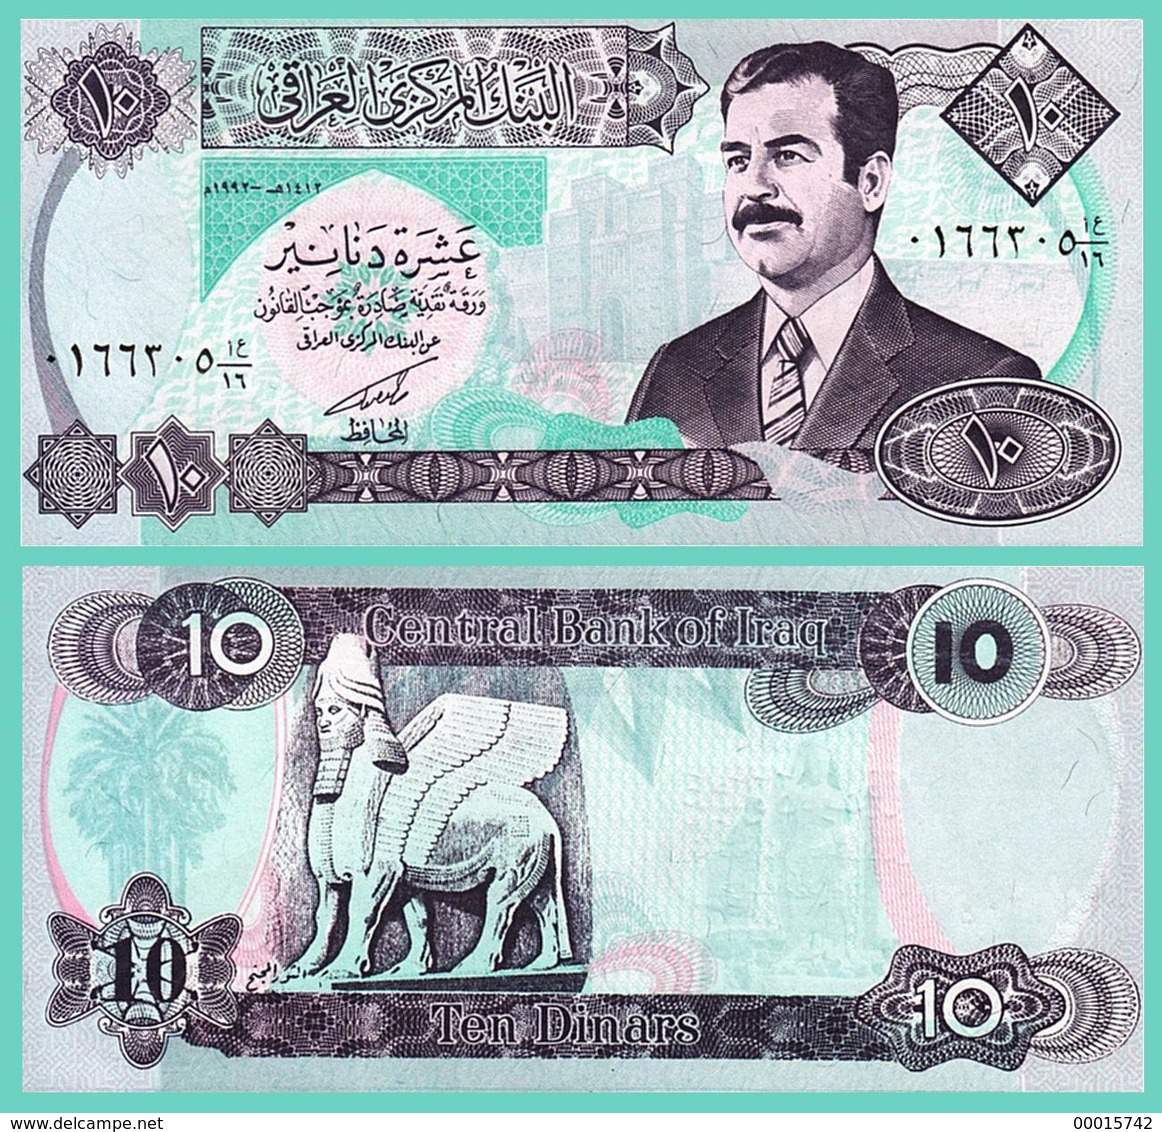 Iraq 10 Dinars 1992 P-81 UNC - Iraq